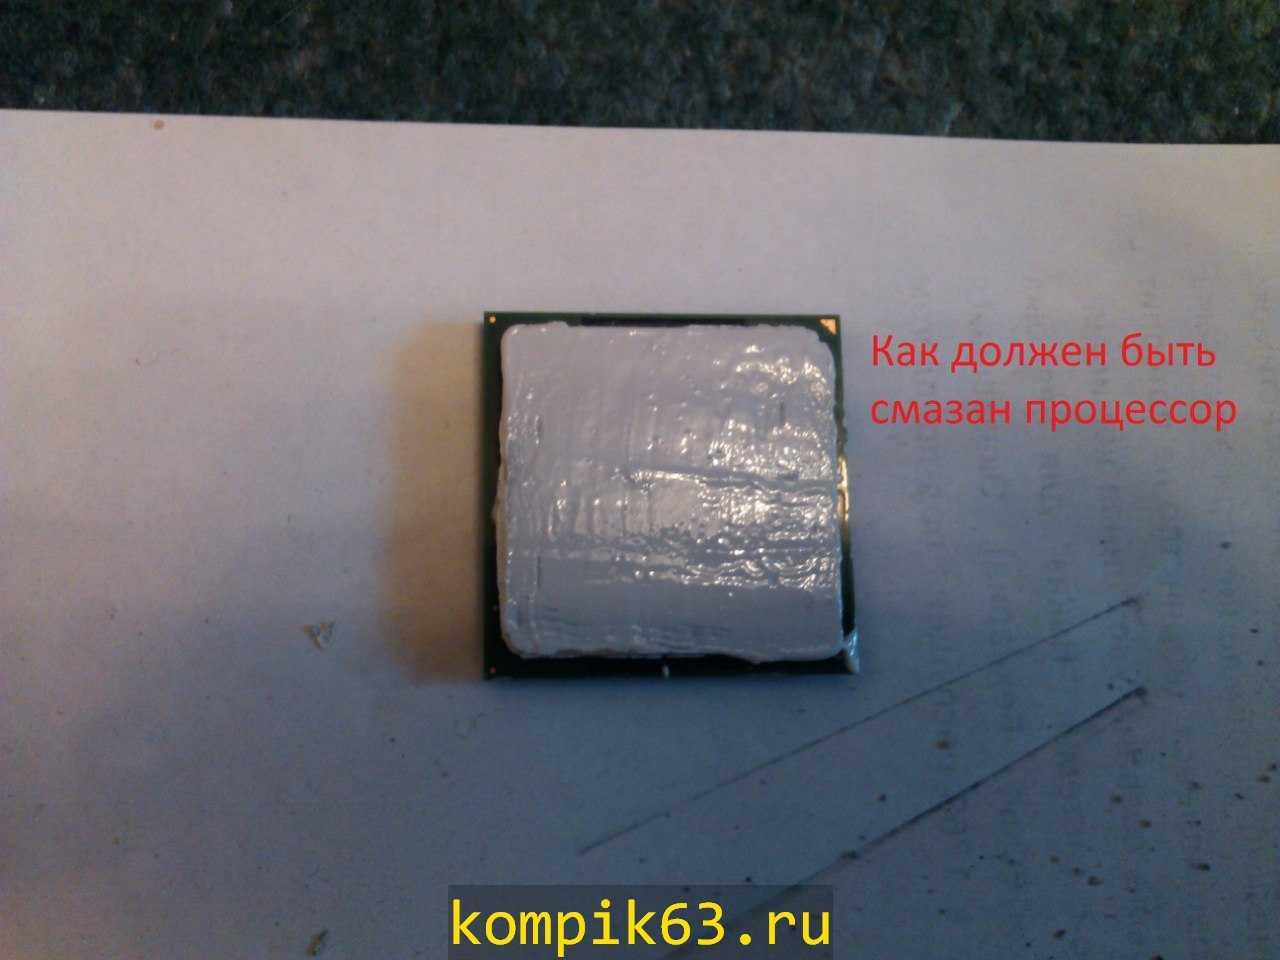 kompik63.ru-195